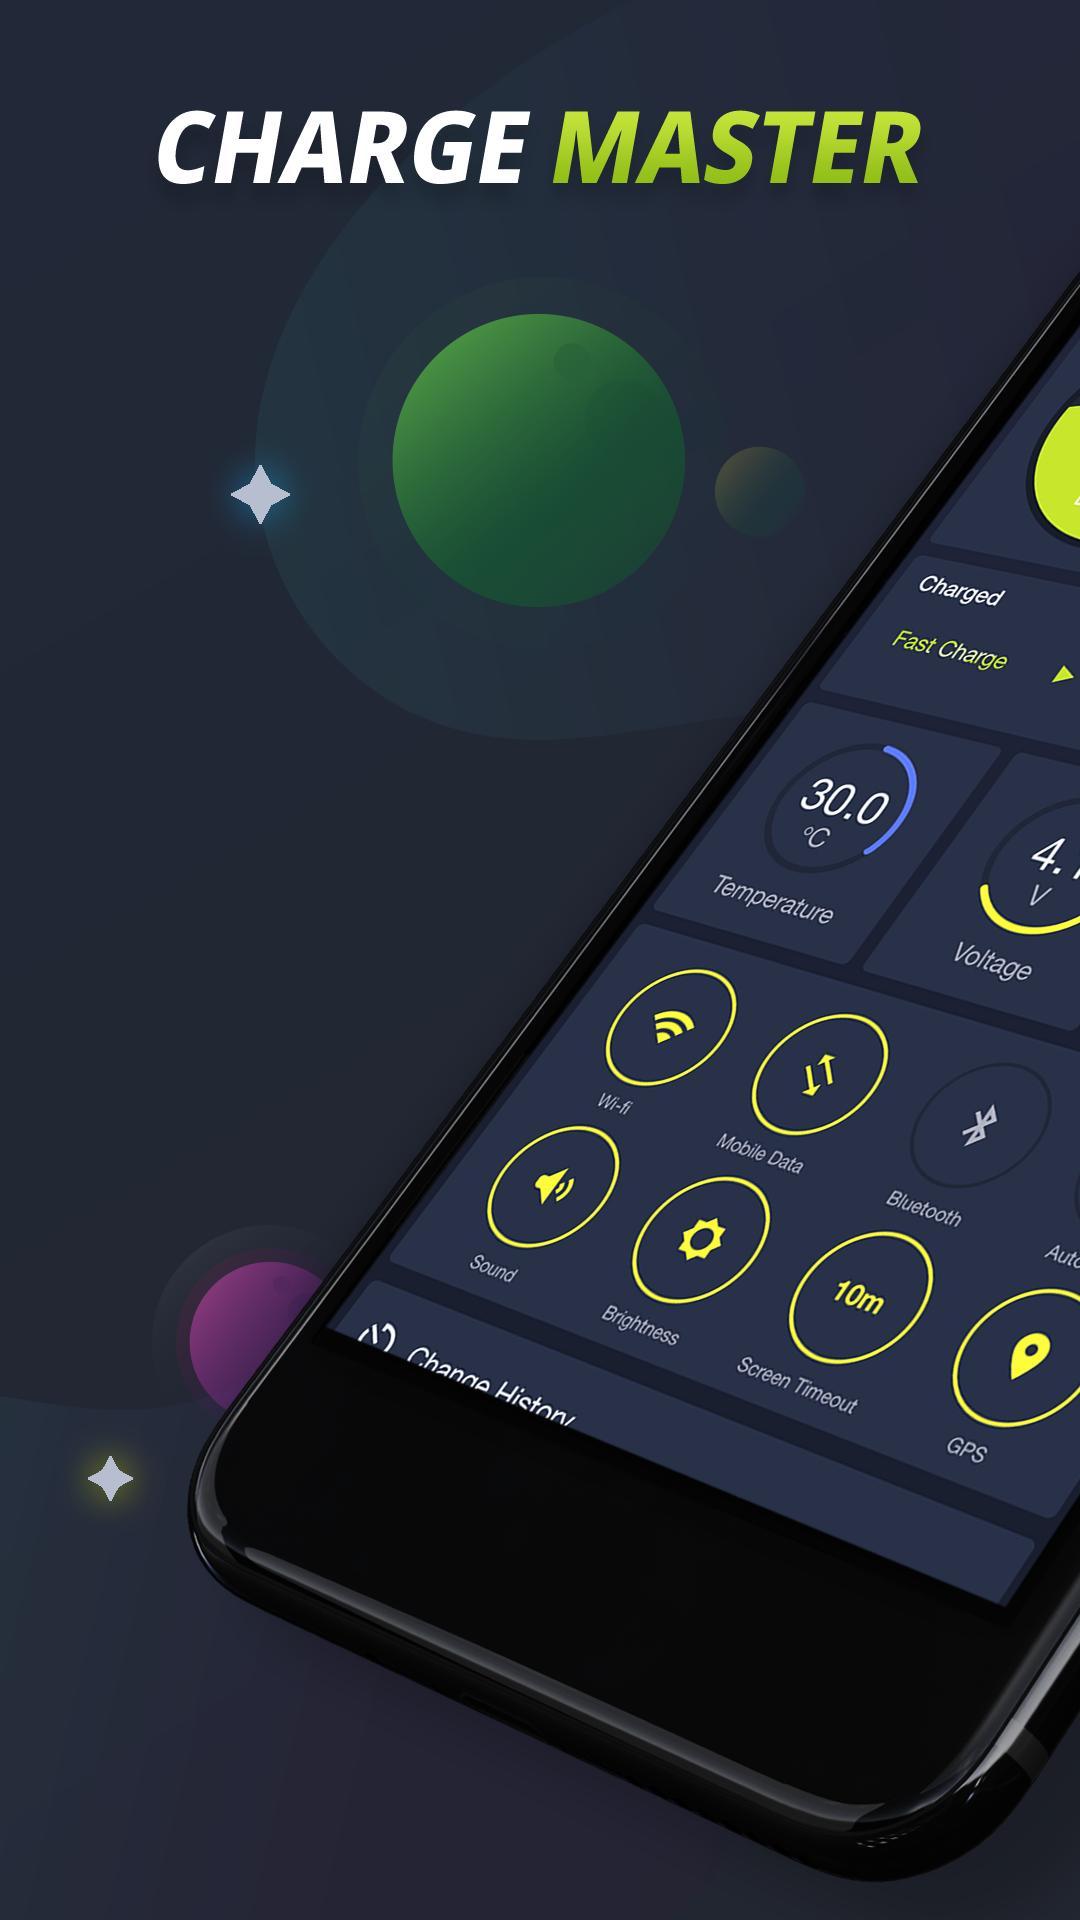 Pengisian Baterai Penghemat Baterai For Android Apk Download